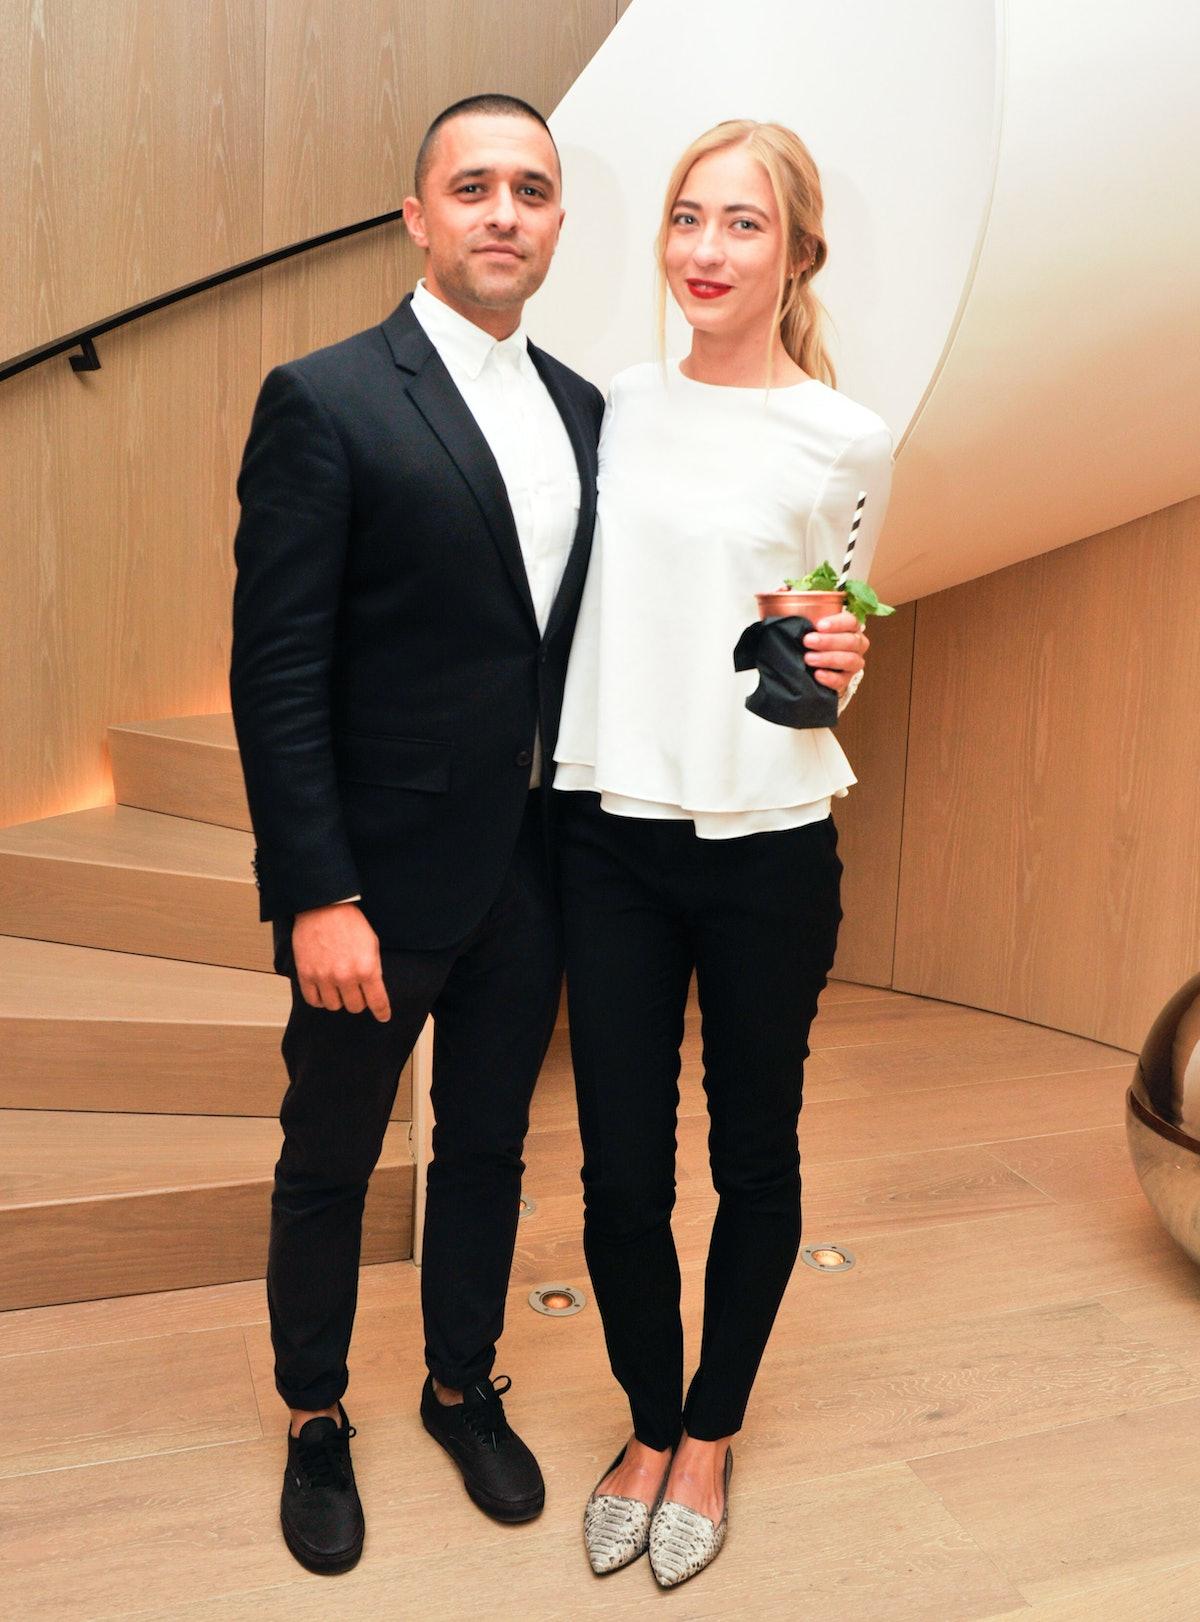 Ben Pundole and Alina Kohlem